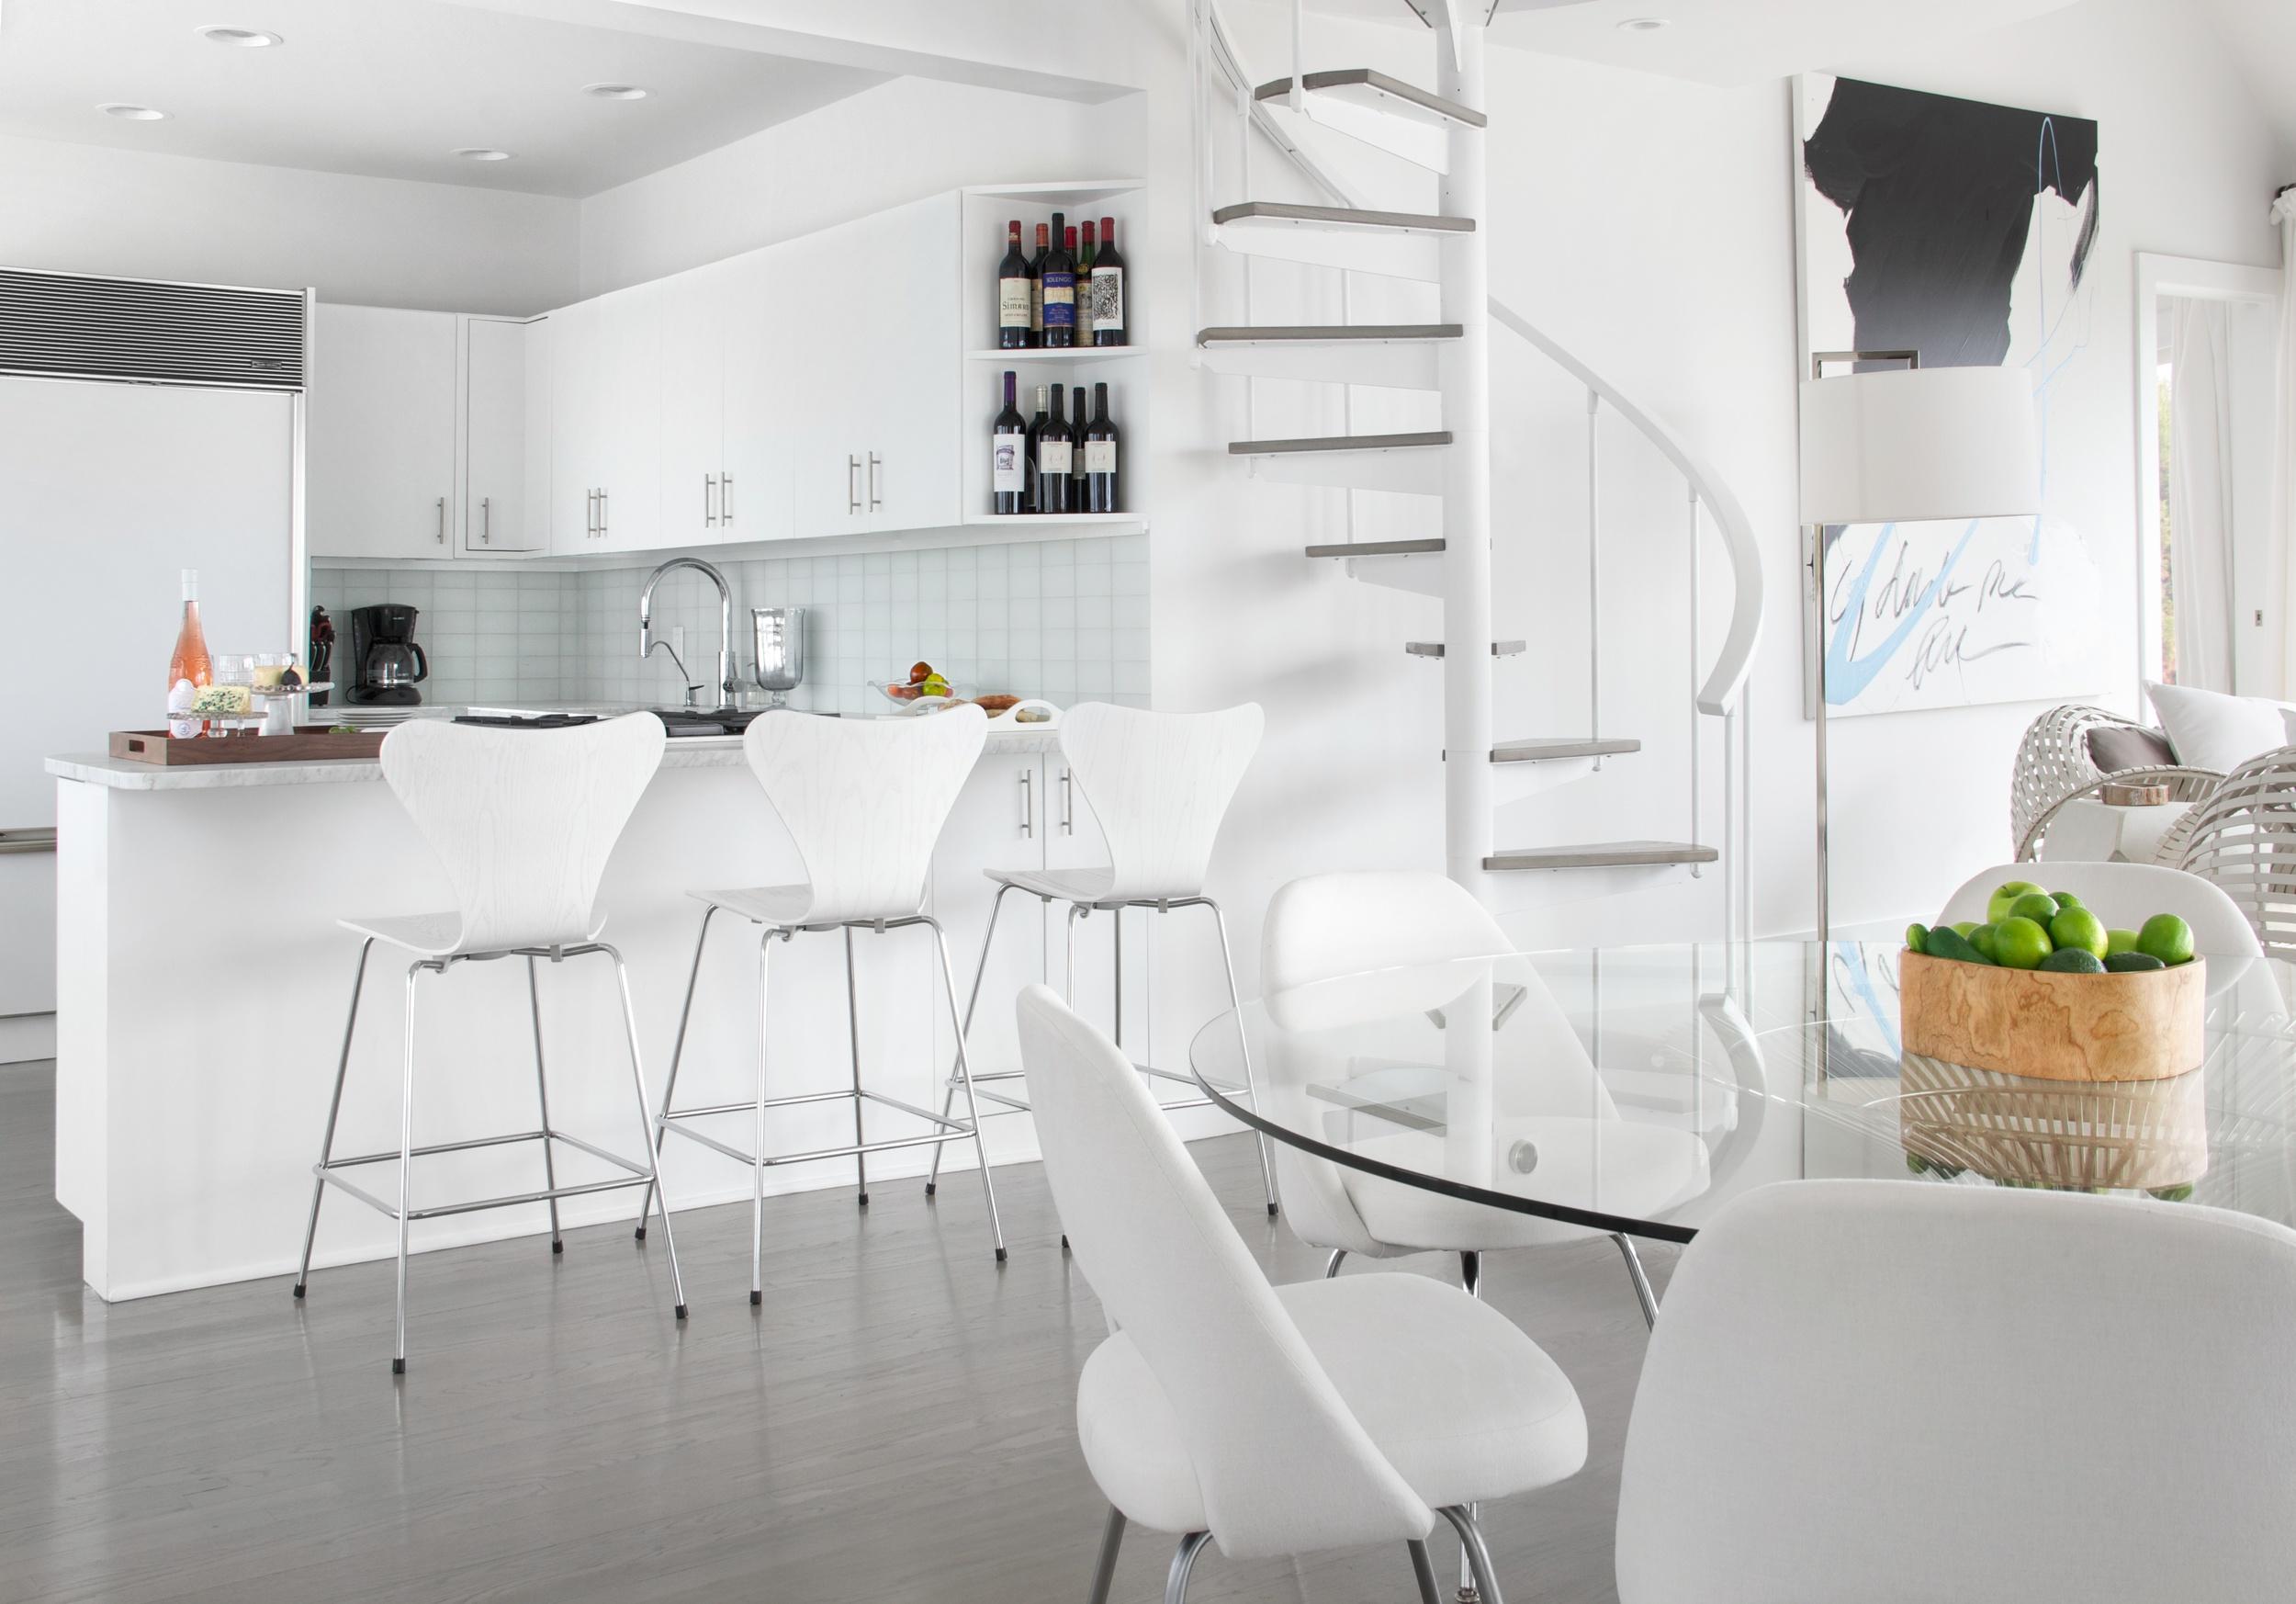 Schoeller + Darling Design - Amagansett Beach House - Kitchen